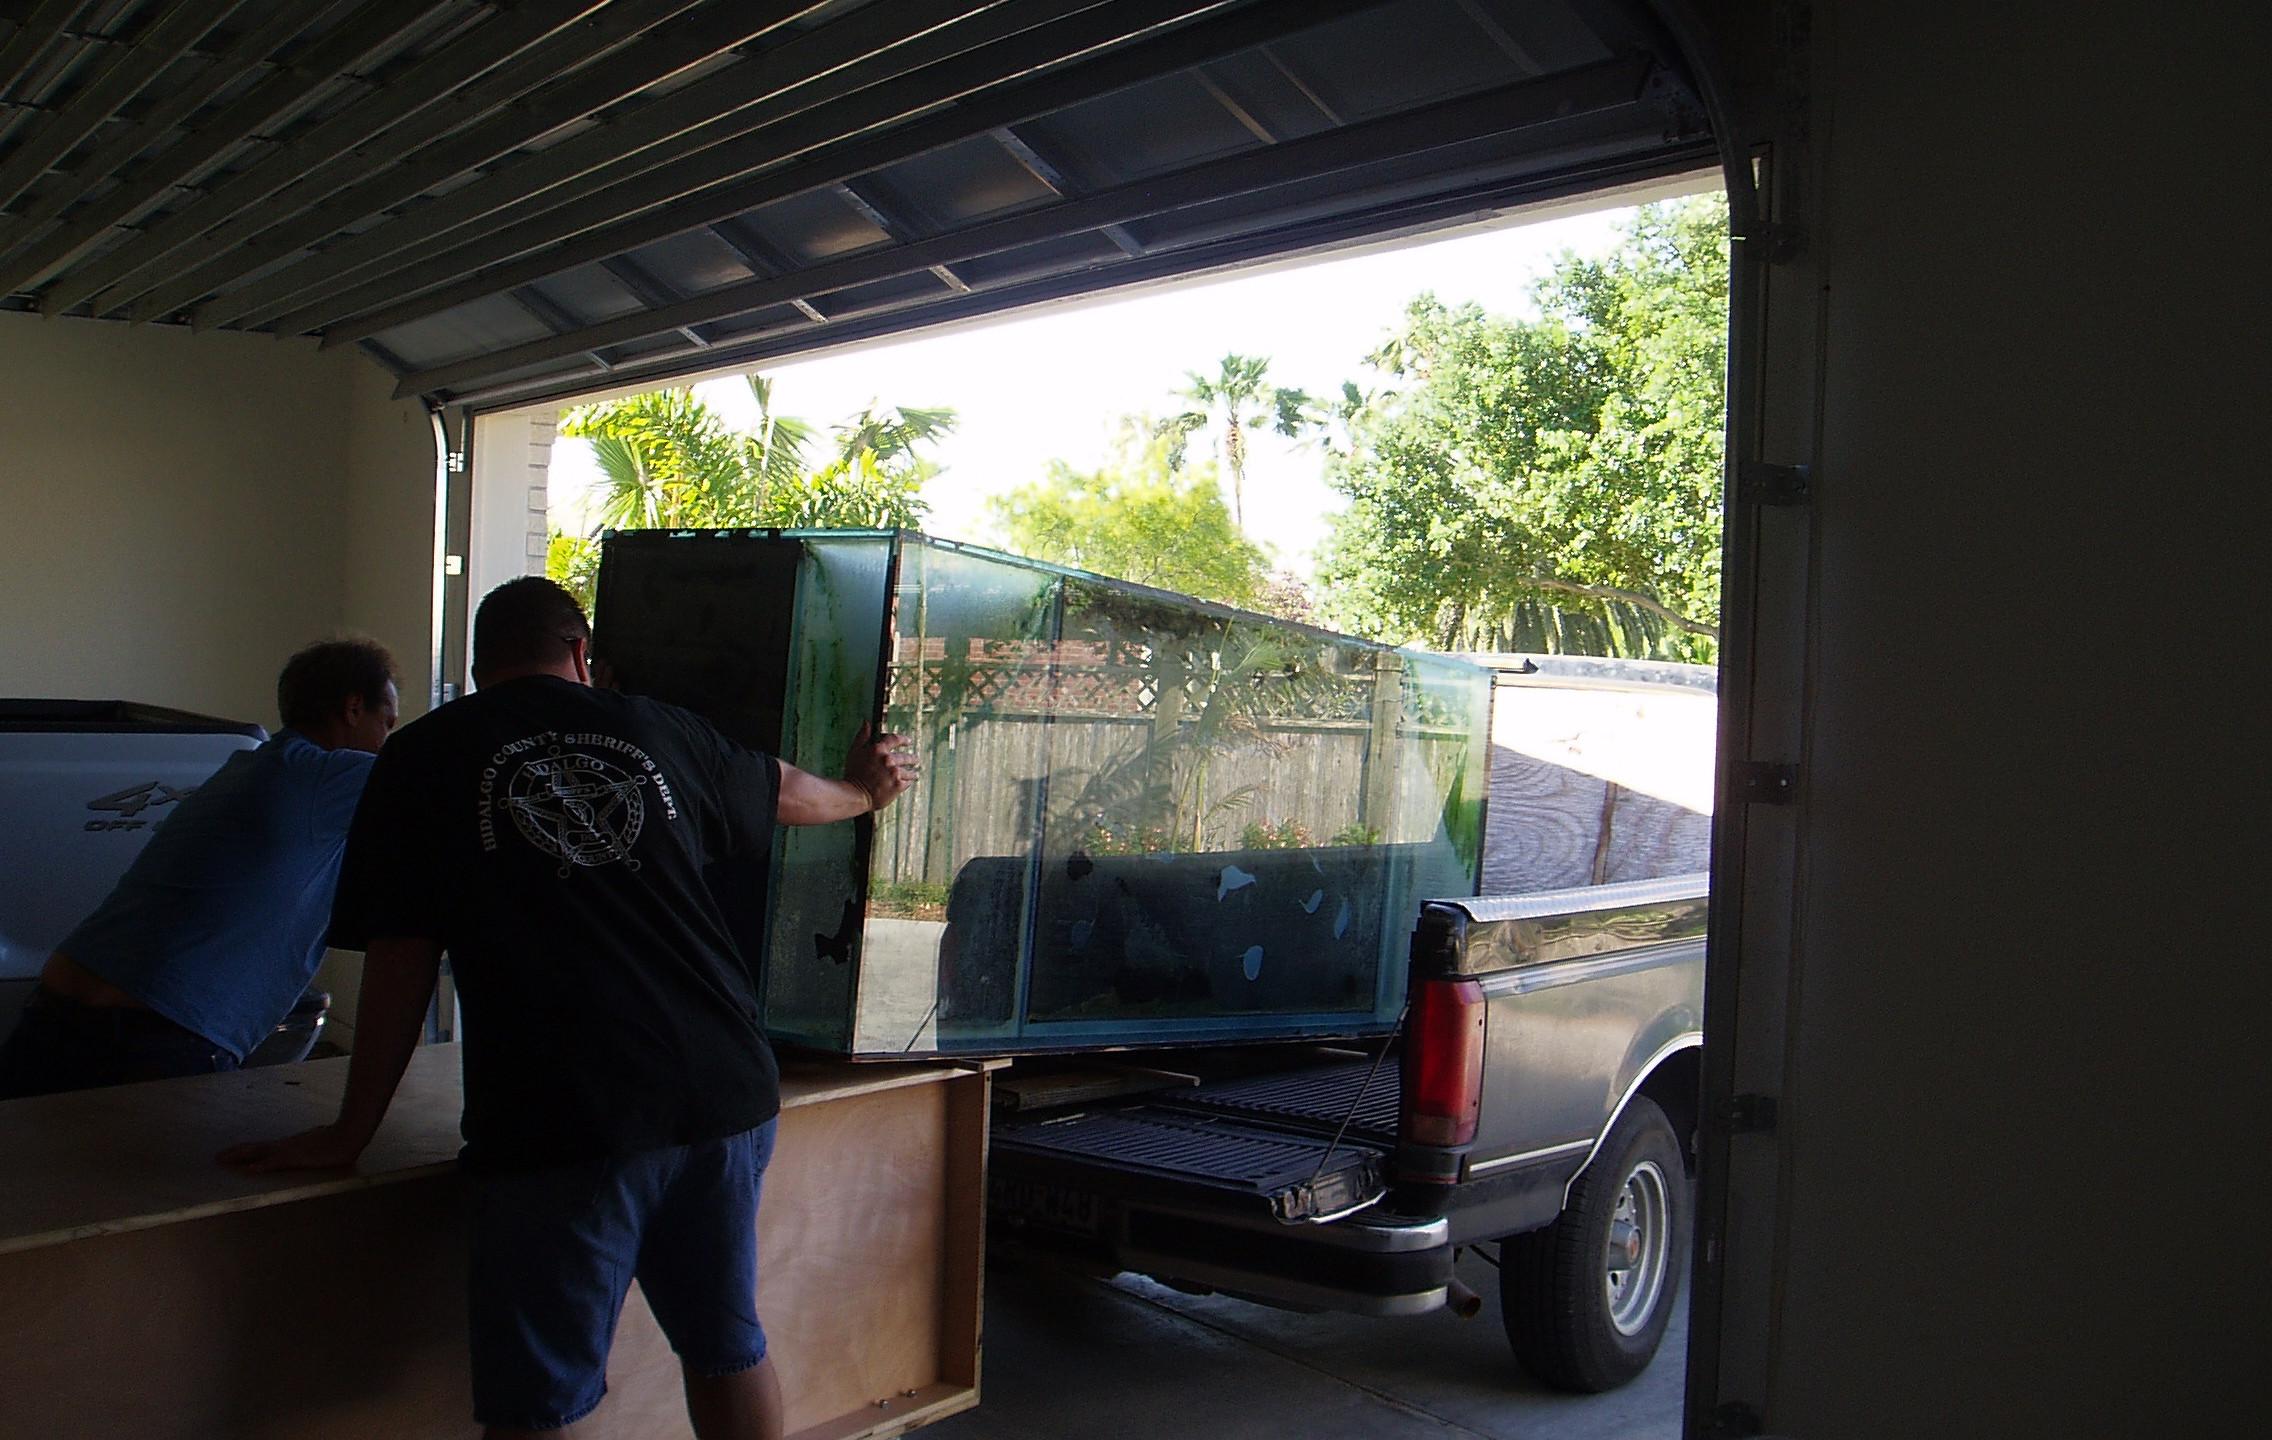 1-Load Up of Aquarium